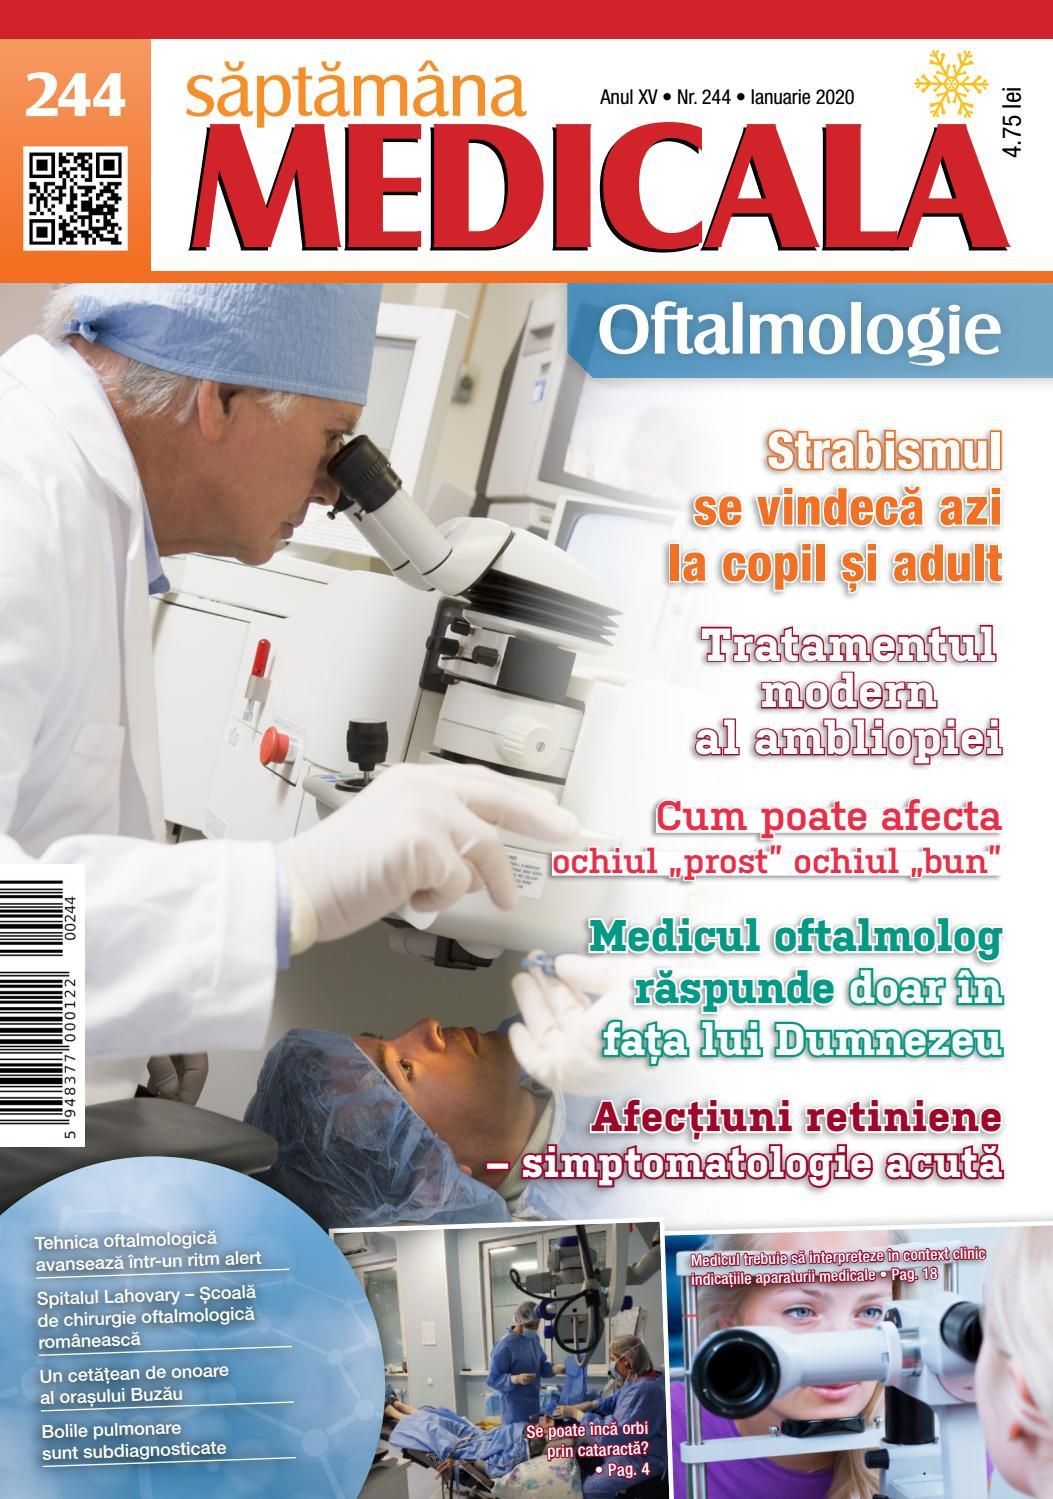 Aparat de mulare în tratamentul artrozei